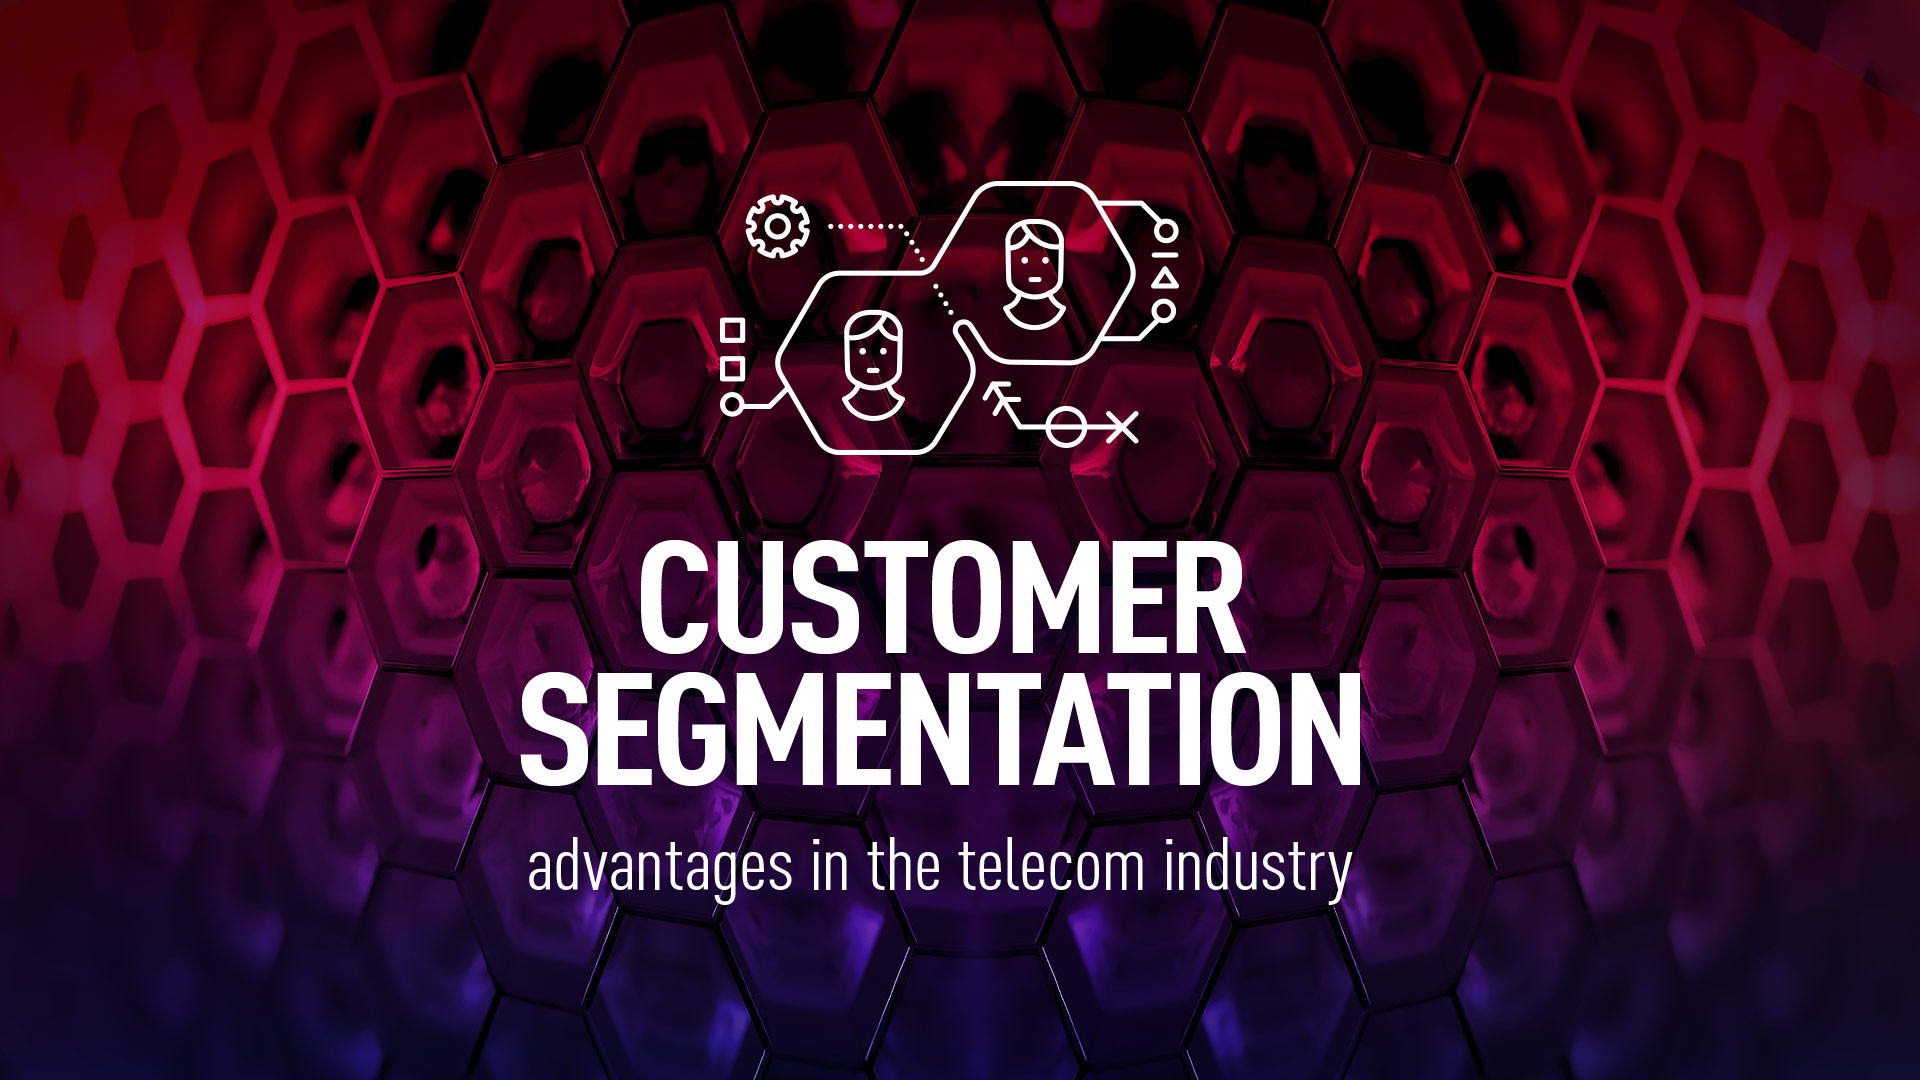 customer segmenation advantages in telecom